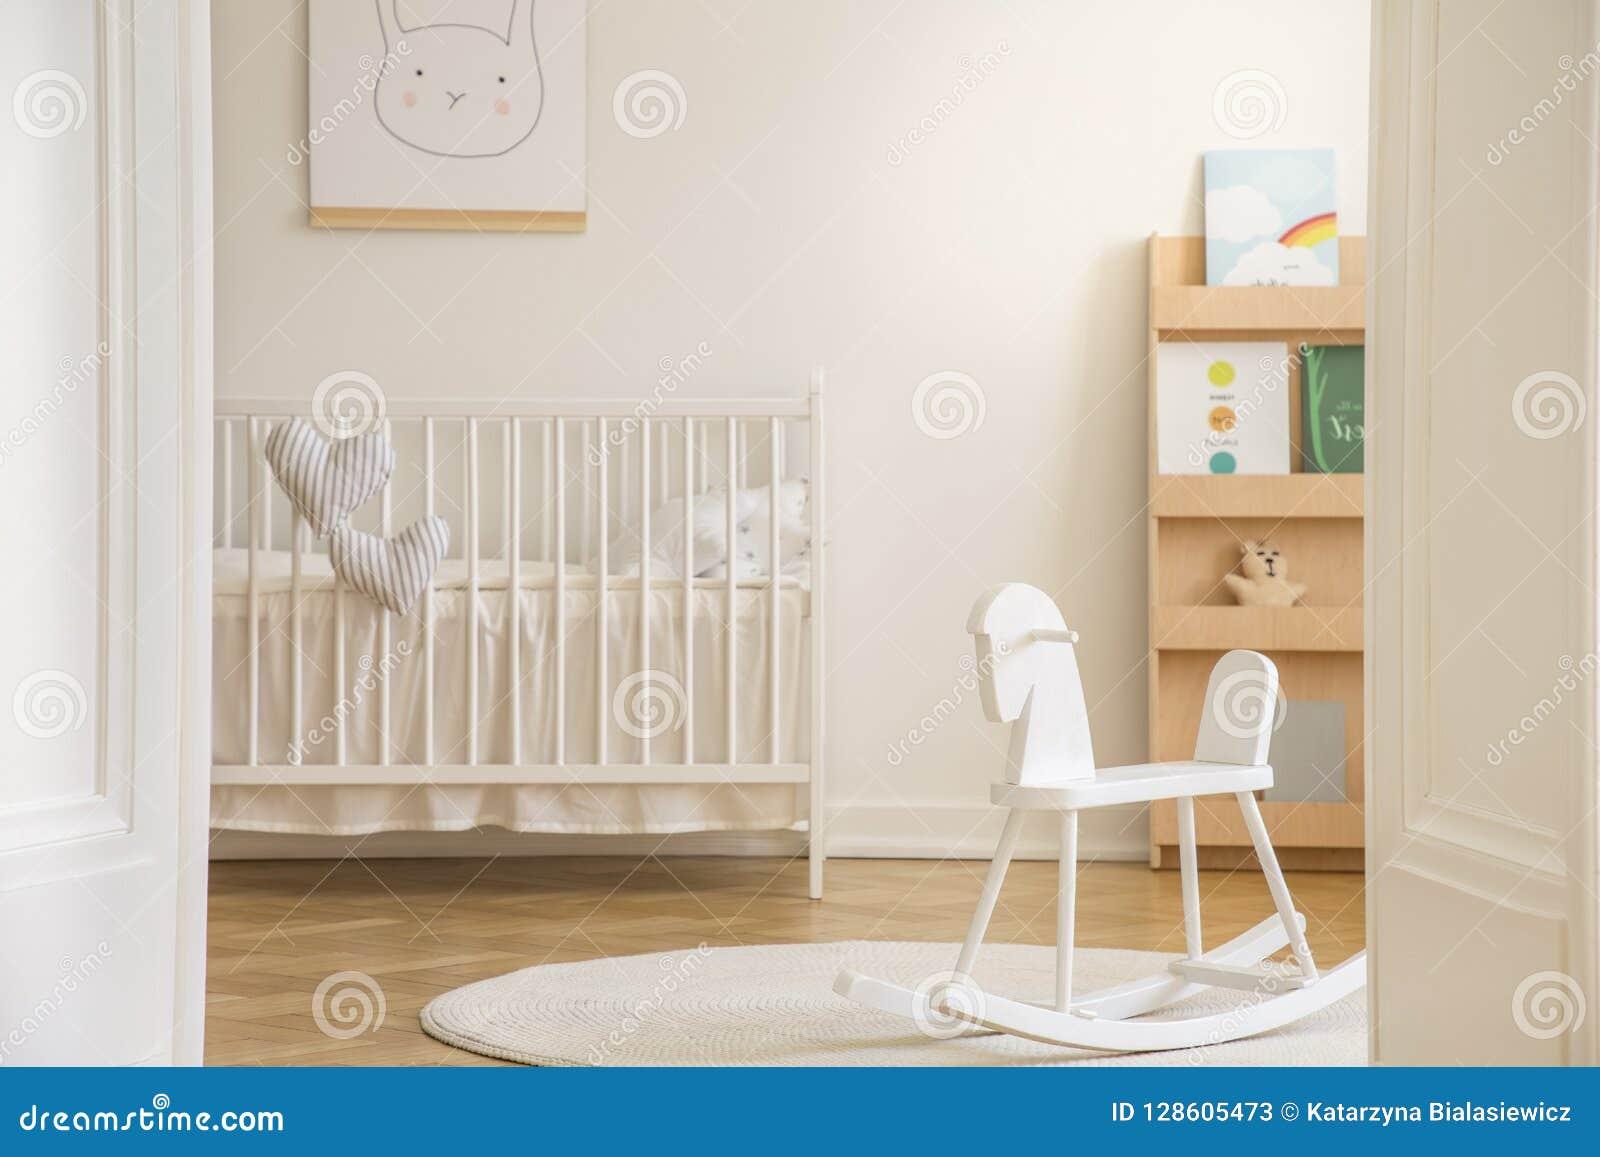 Cavalo de balanço no tapete no interior branco do quarto do ` s da criança com o cartaz do coelho acima do berço